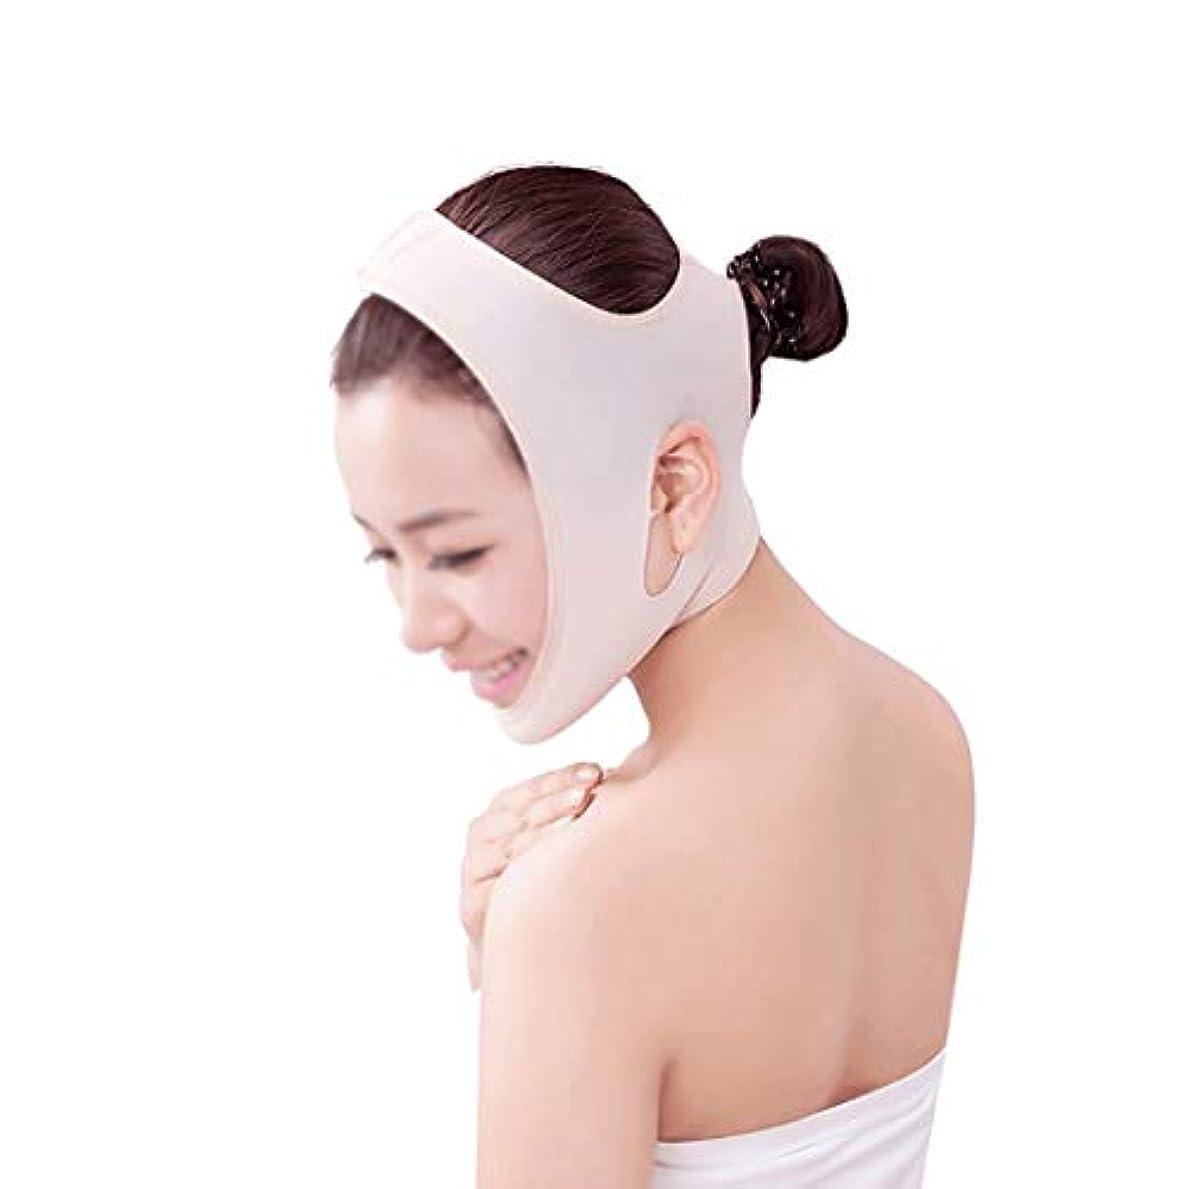 フルーティー引き算除去顔と首リフト術後弾性セット美容マスク小V顔アーティファクトタイトリフティングゴムバンドリフティングフェイス薄い顔包帯 (Size : L)